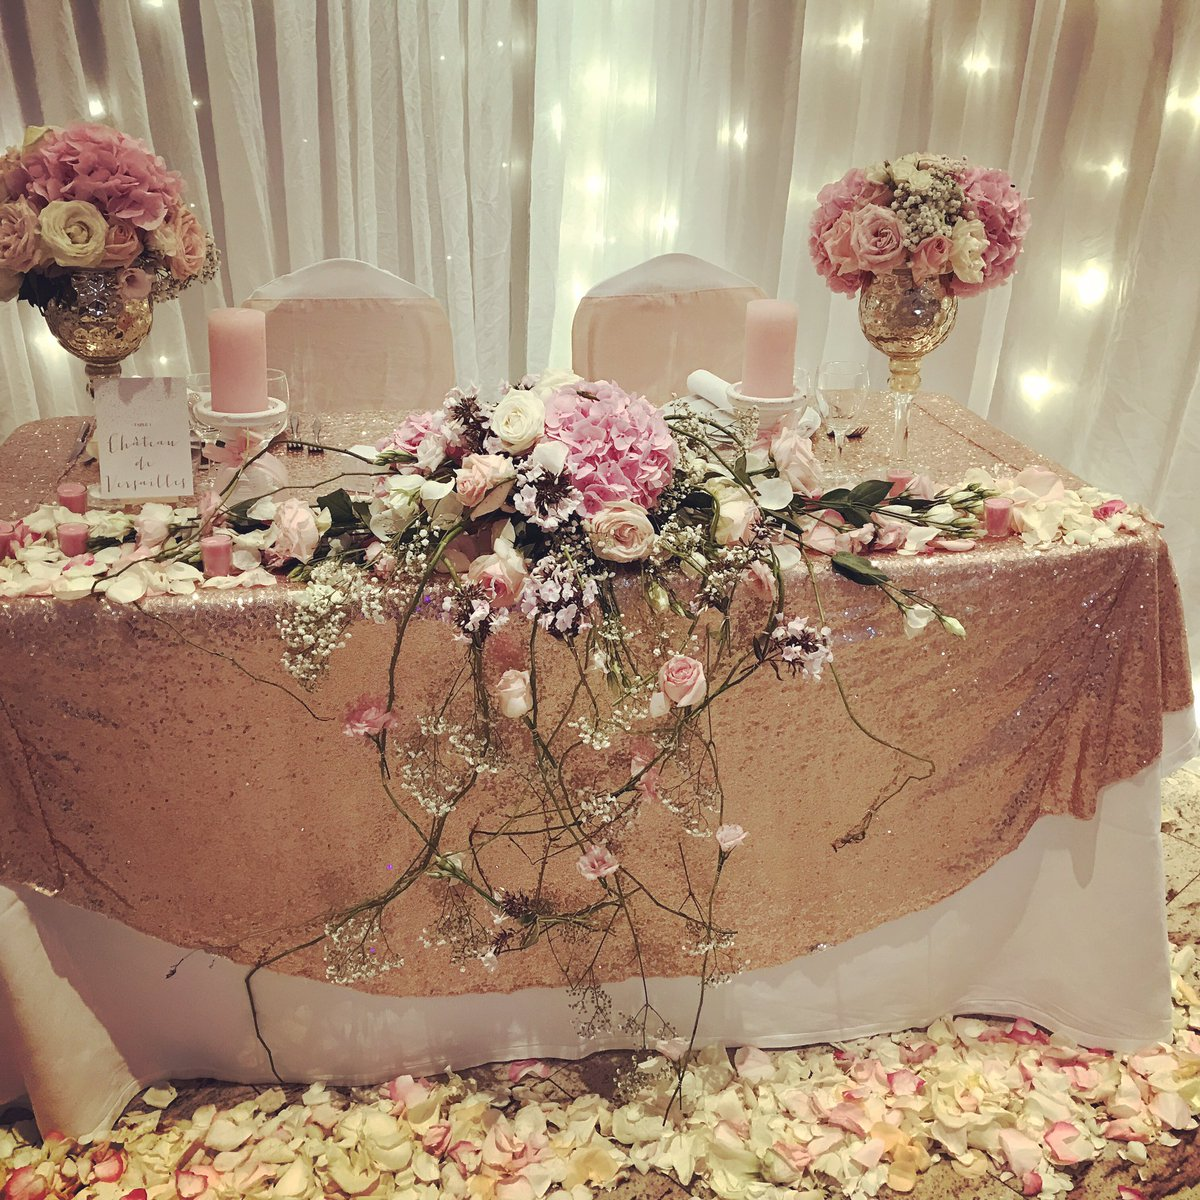 decoration mariage rose et or. Black Bedroom Furniture Sets. Home Design Ideas